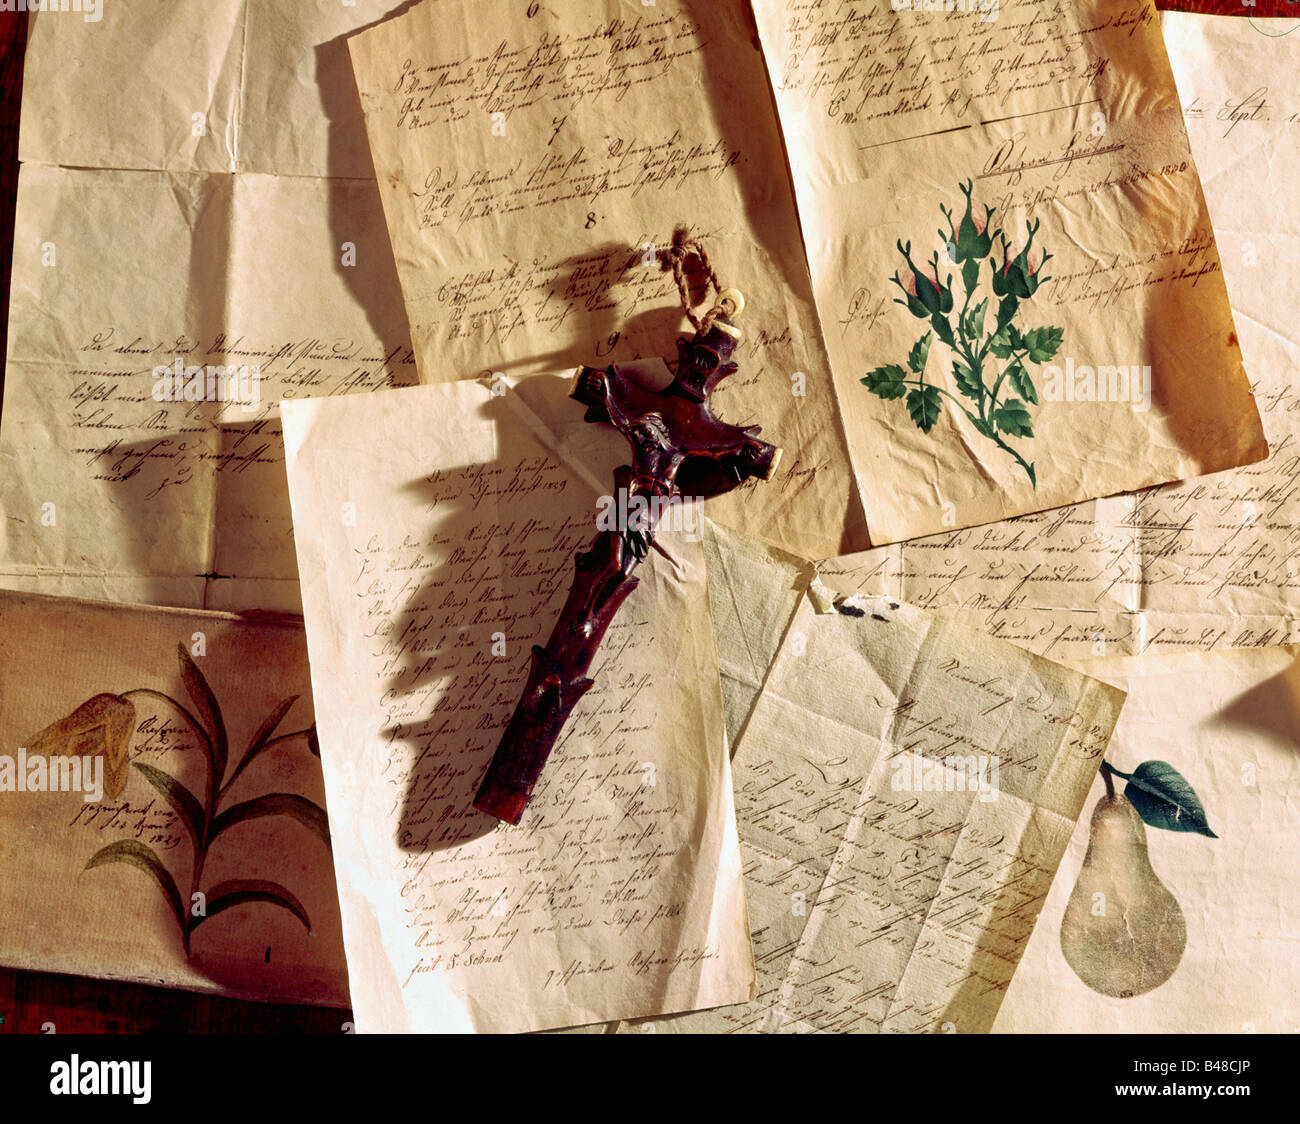 Hauser, Kaspar, 30.4.1812 - 17.12.1833, fondateur allemand, dessins, poèmes, lettres et croix, Mainfränkisches Heimatmuseum, Ansbach, Allemagne, Banque D'Images